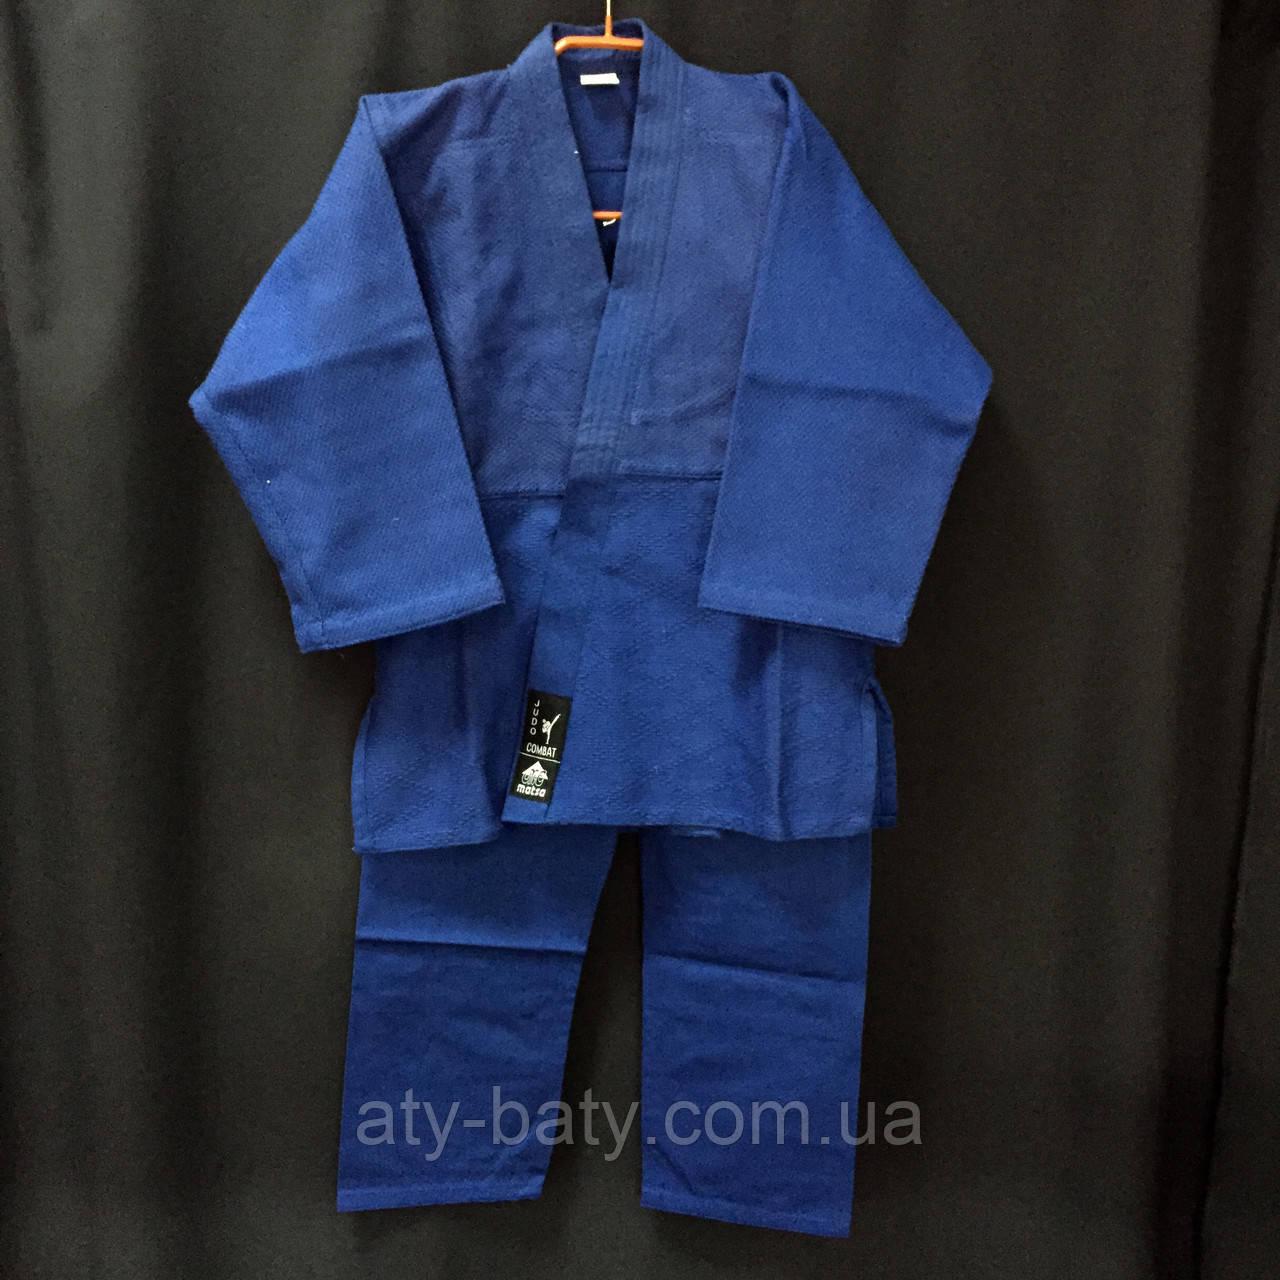 Кимоно дзюдо, синее